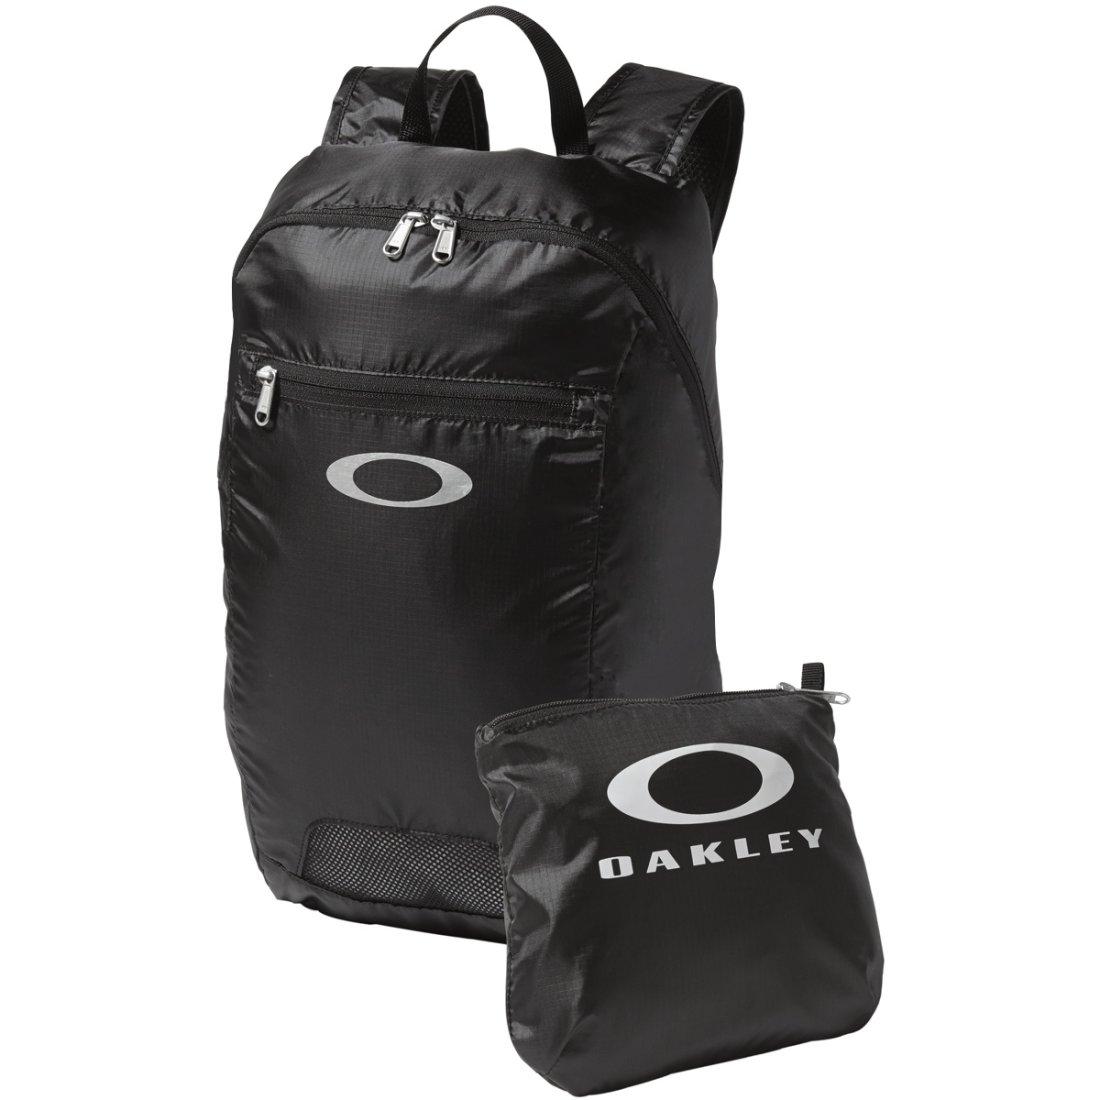 7c61afc4d7c 75 Bolsas y mochilas para ciclismo · Motocard